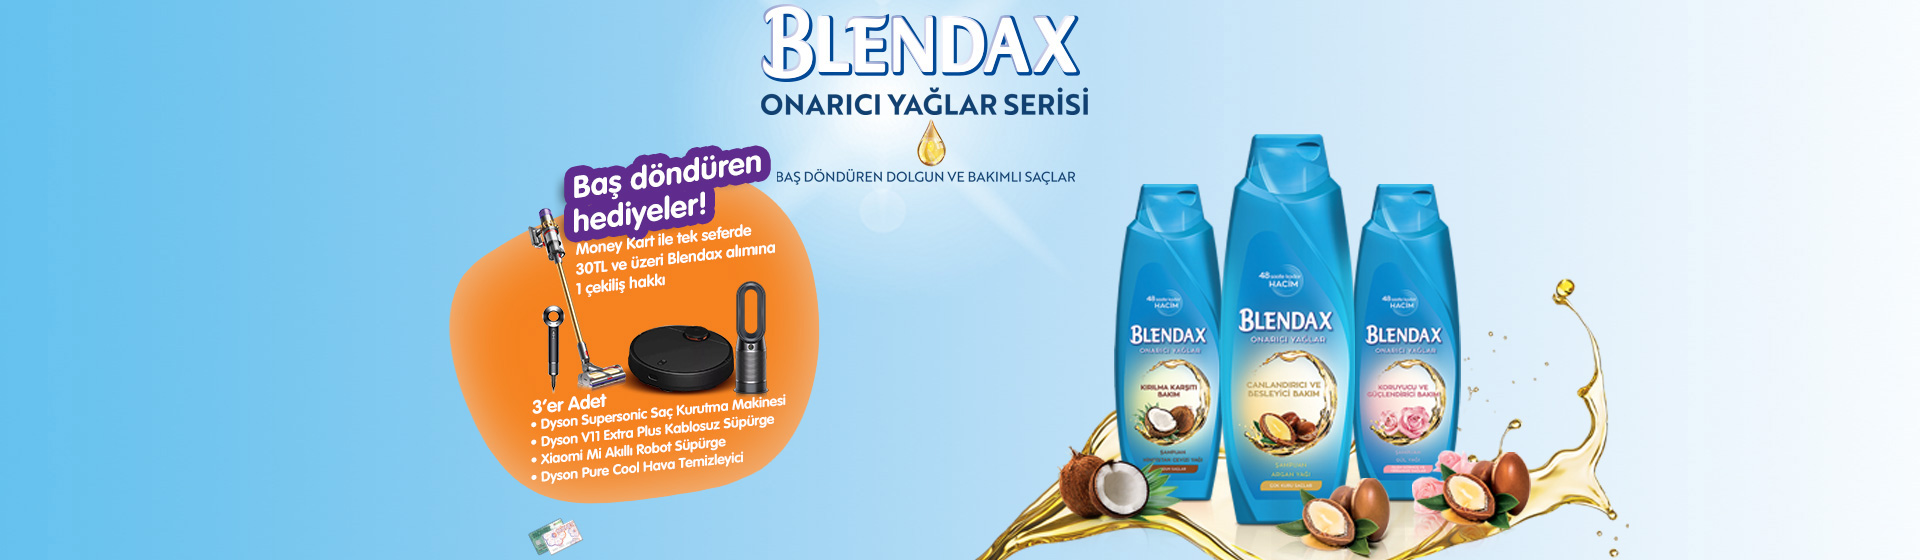 Blendax Çekiliş Kampanyası